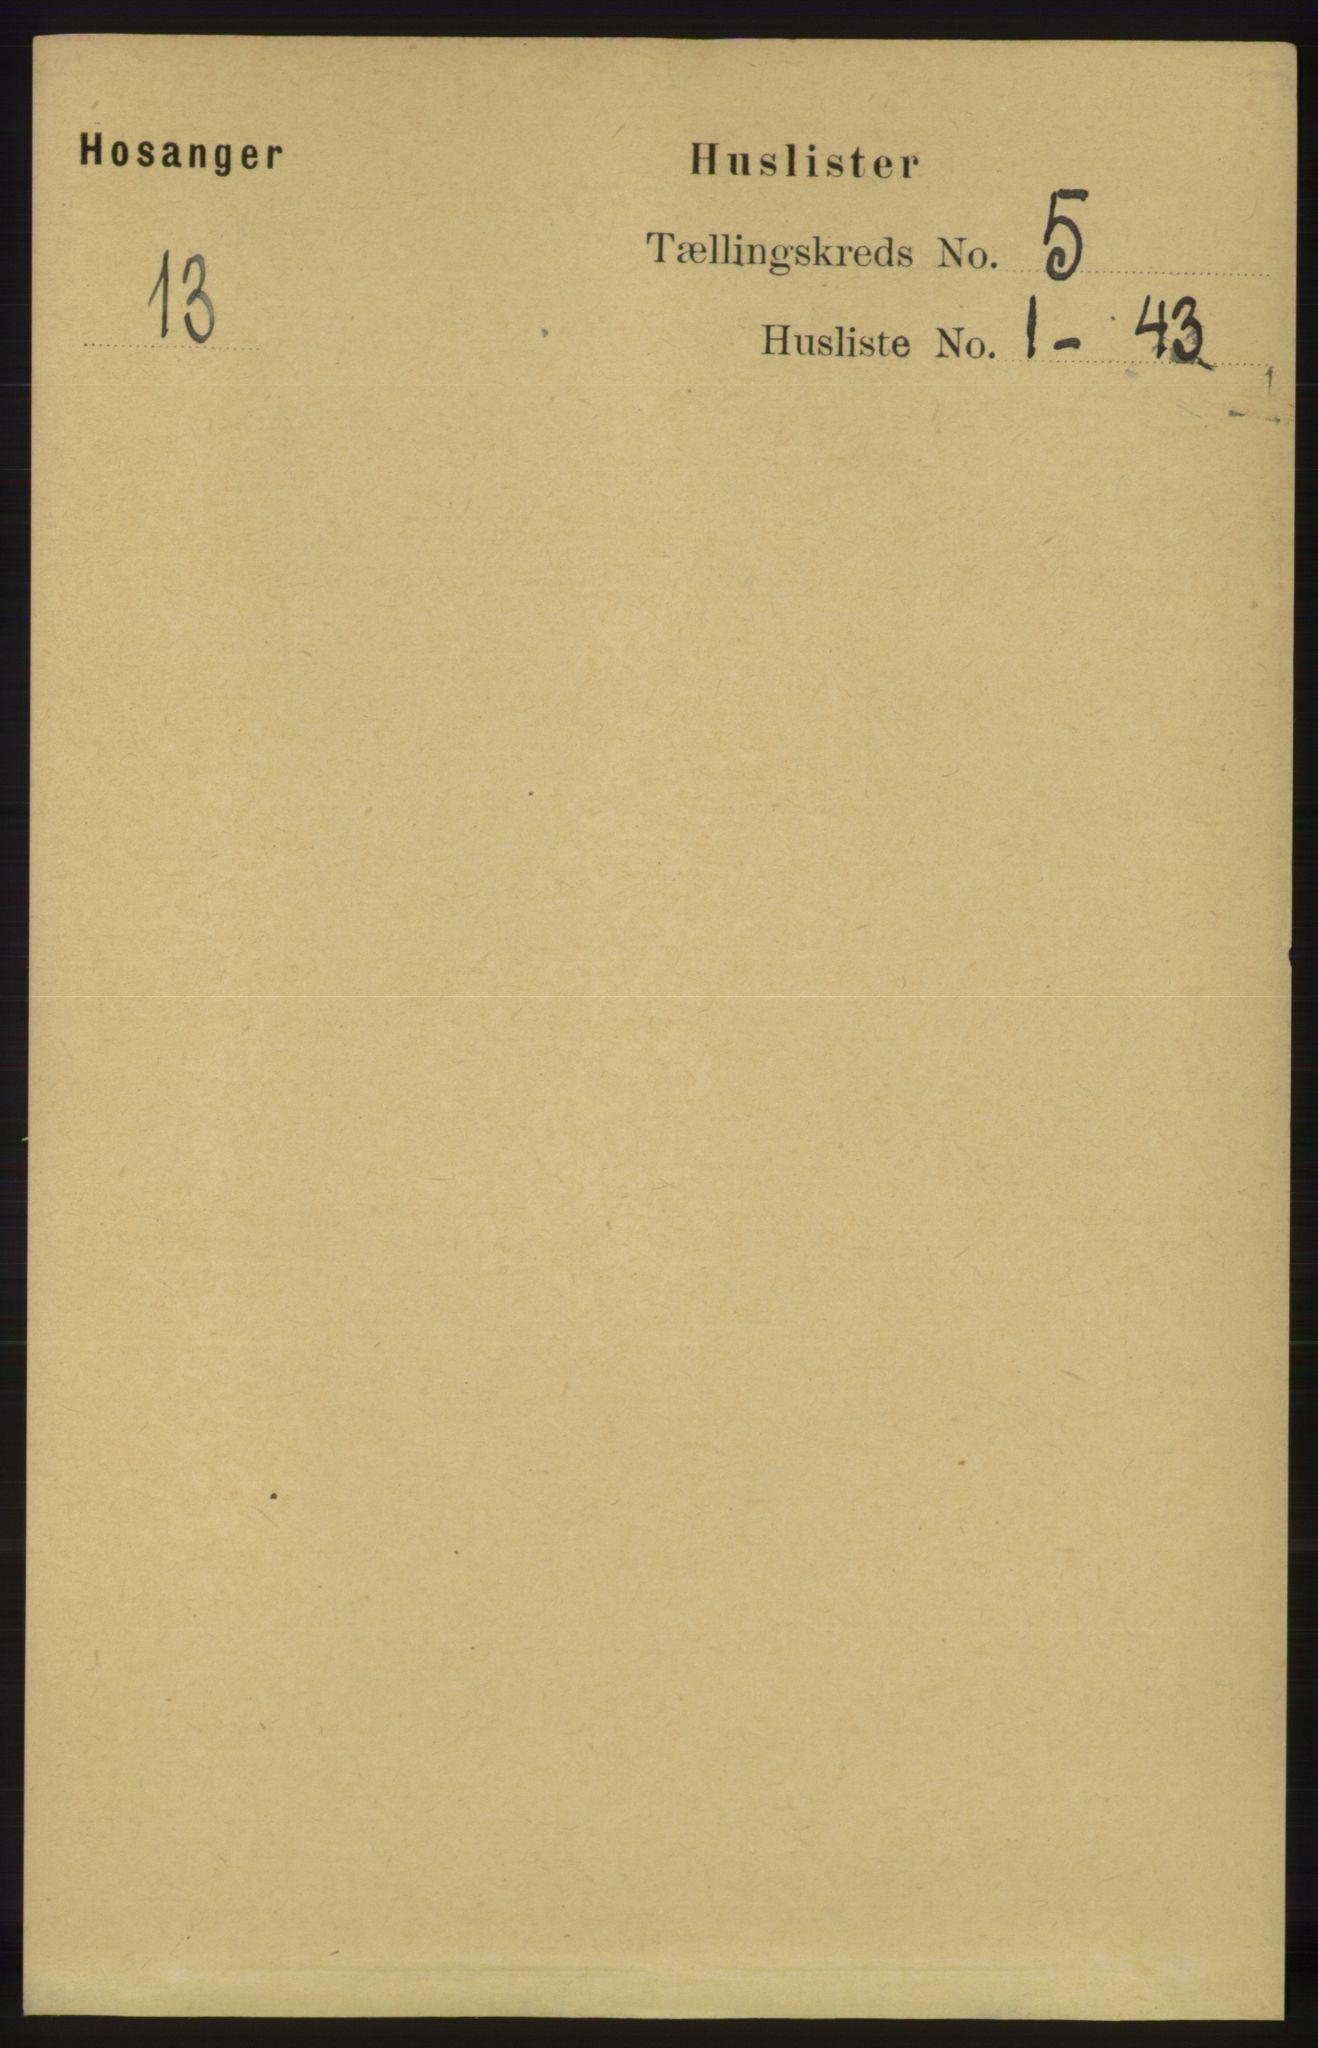 RA, Folketelling 1891 for 1253 Hosanger herred, 1891, s. 1739